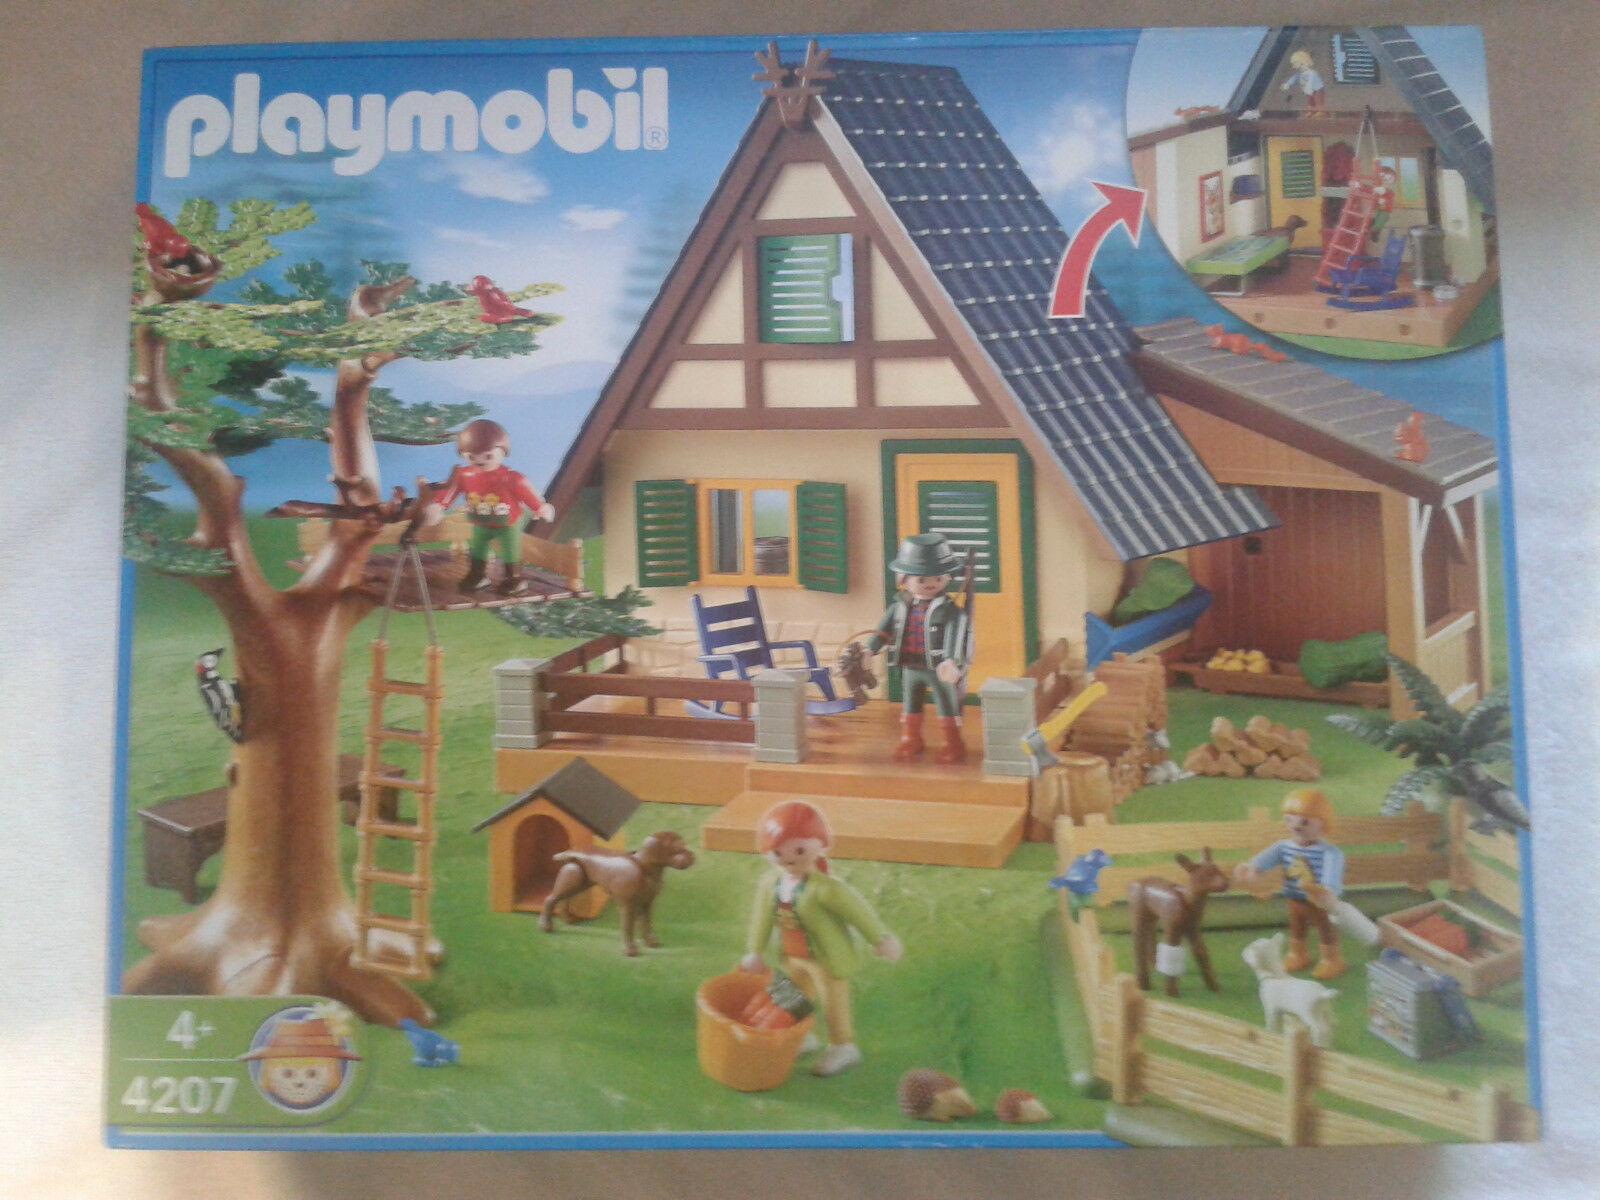 Playmobil 4207 Forsthaus mit Tierpflegestation absolute Rarität neu und ovp